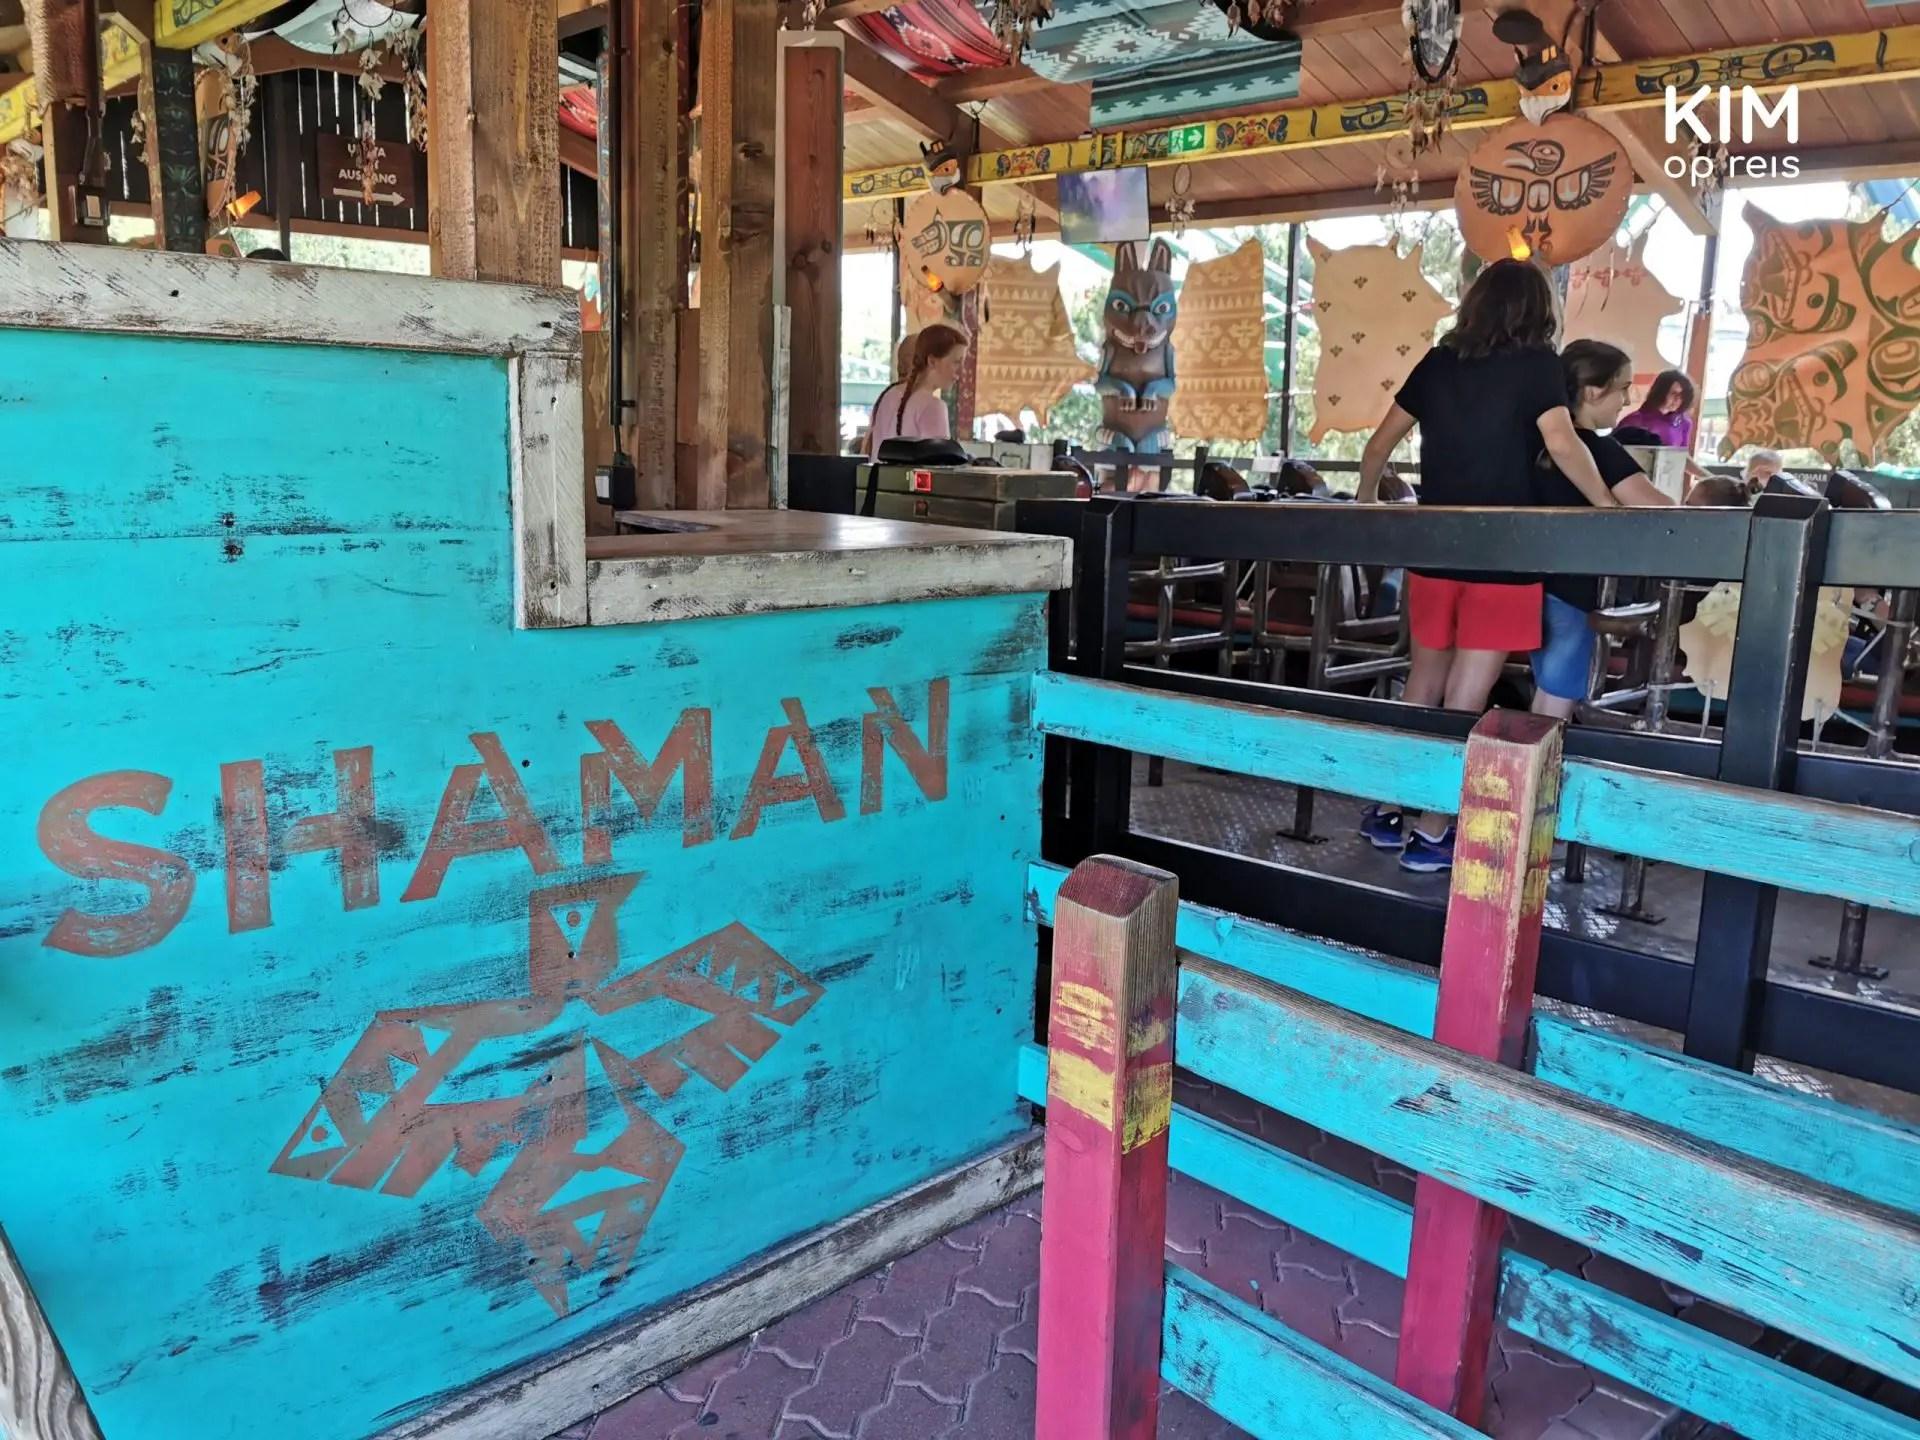 Shaman achtbaan Gardaland - logo van de Shaman attractie op een blauwgekleurd schot met op de achtergrond de achtbaan